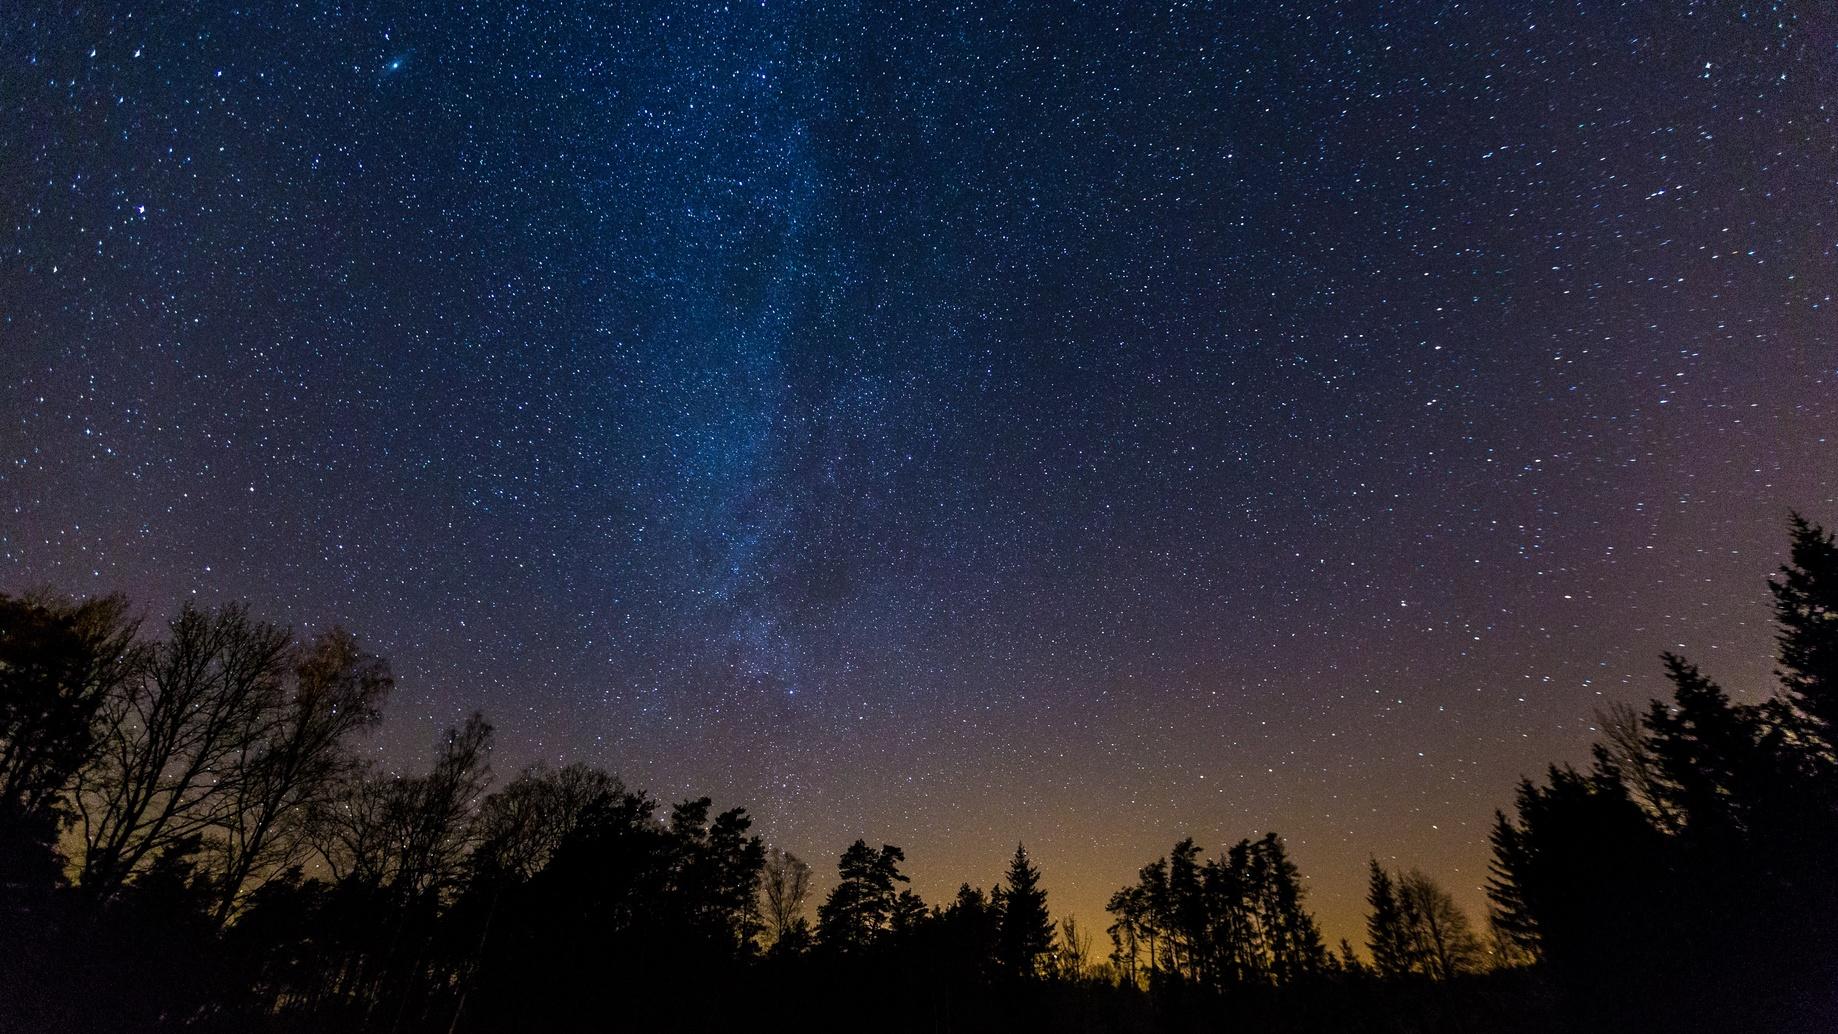 É cada vez mais difícil ver as estrelas com as luzes da cidade grande. Conheça alguns desses refúgios! Foto: Milosz/Fotolia